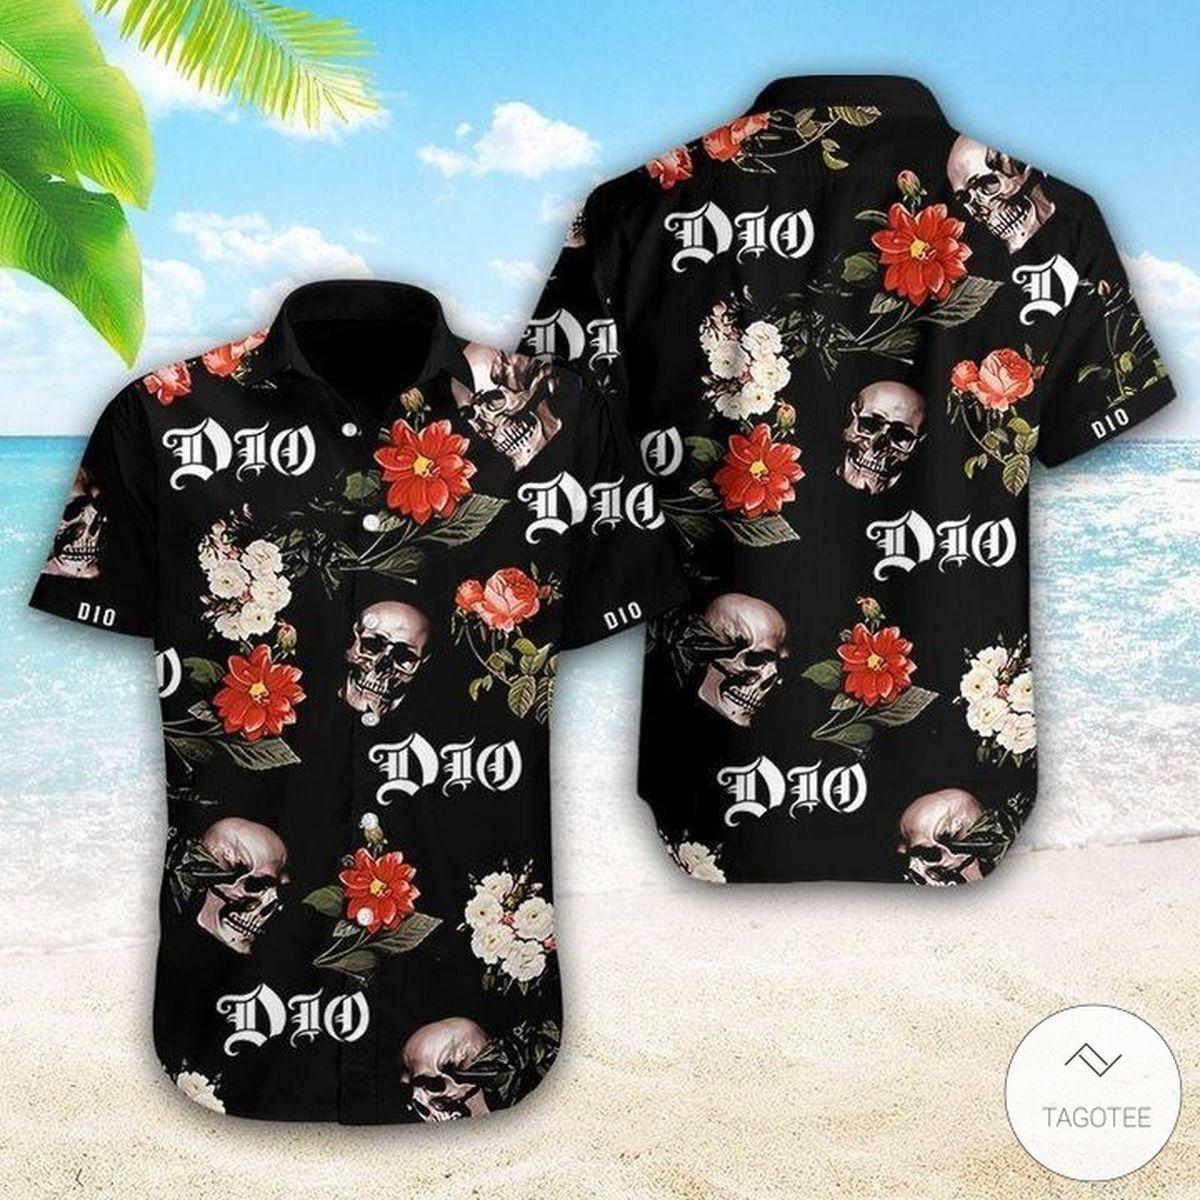 Dio (band) Hawaiian Shirt